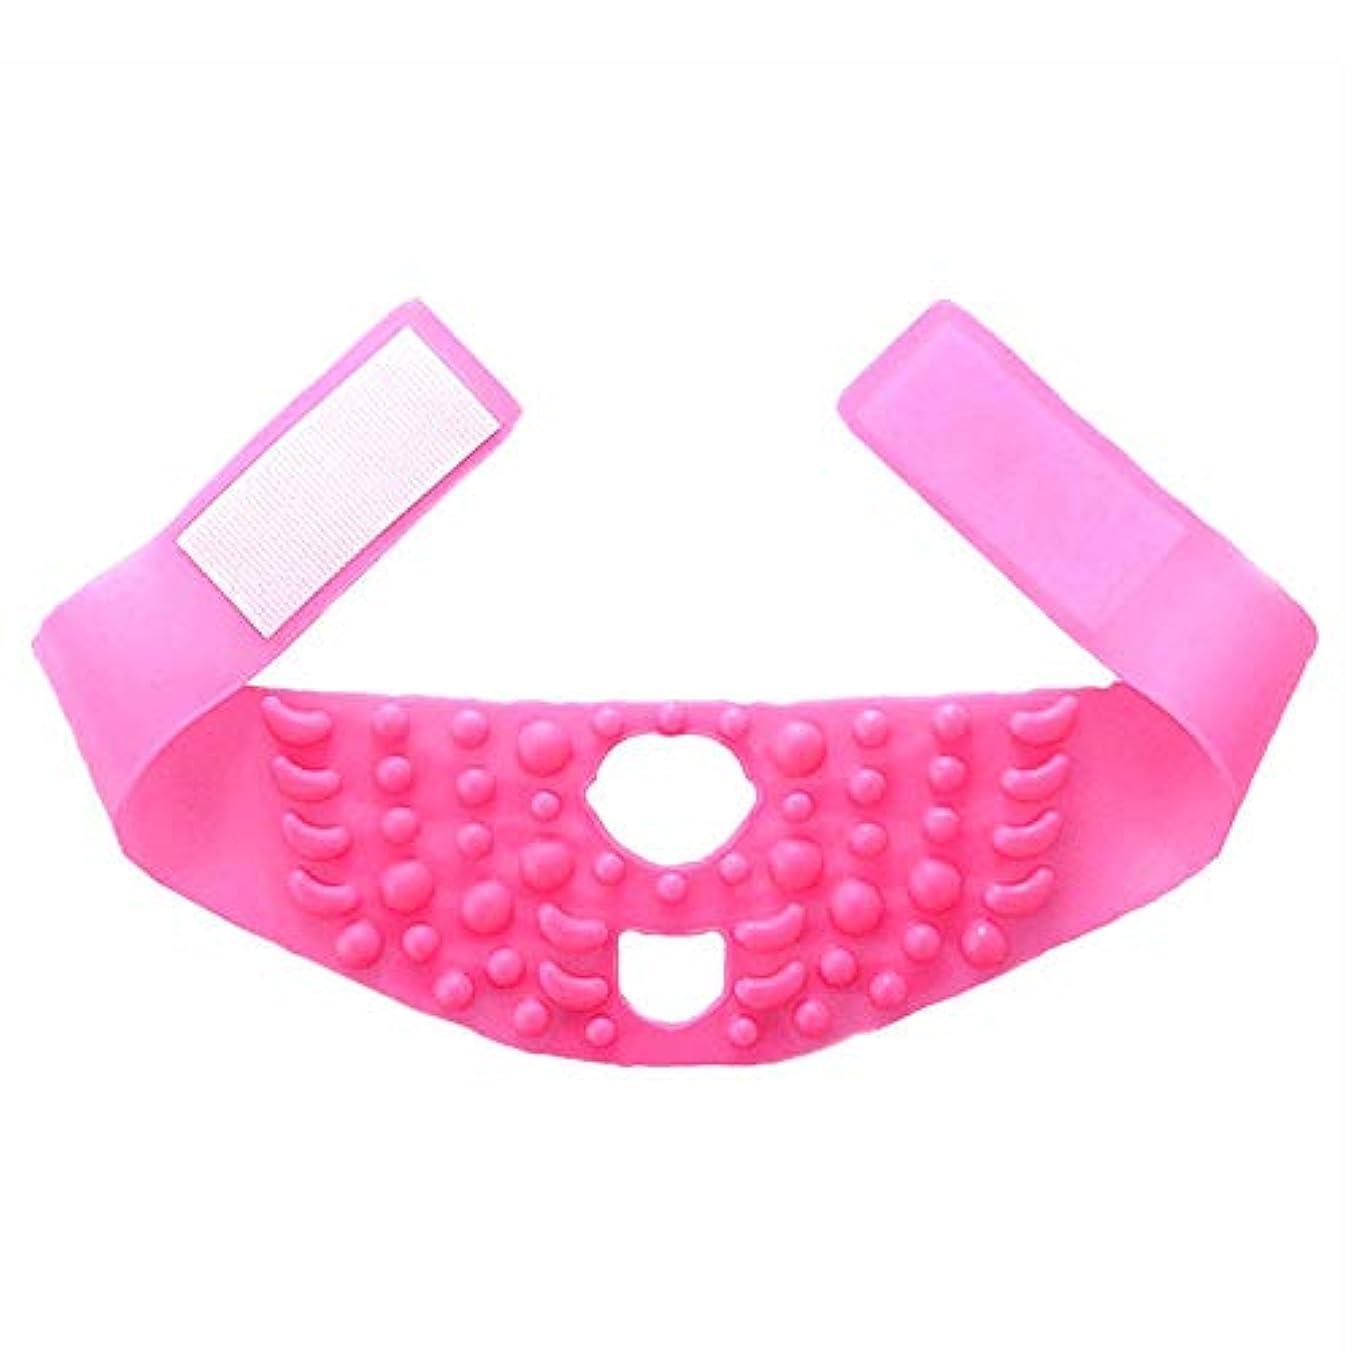 行帆多くの危険がある状況Minmin シンフェイスマスクシリコーンマッサージ引き締まった形の小さなVフェイスリフティングに薄いフェイスアーティファクト包帯を飾る - ピンク みんみんVラインフェイスマスク